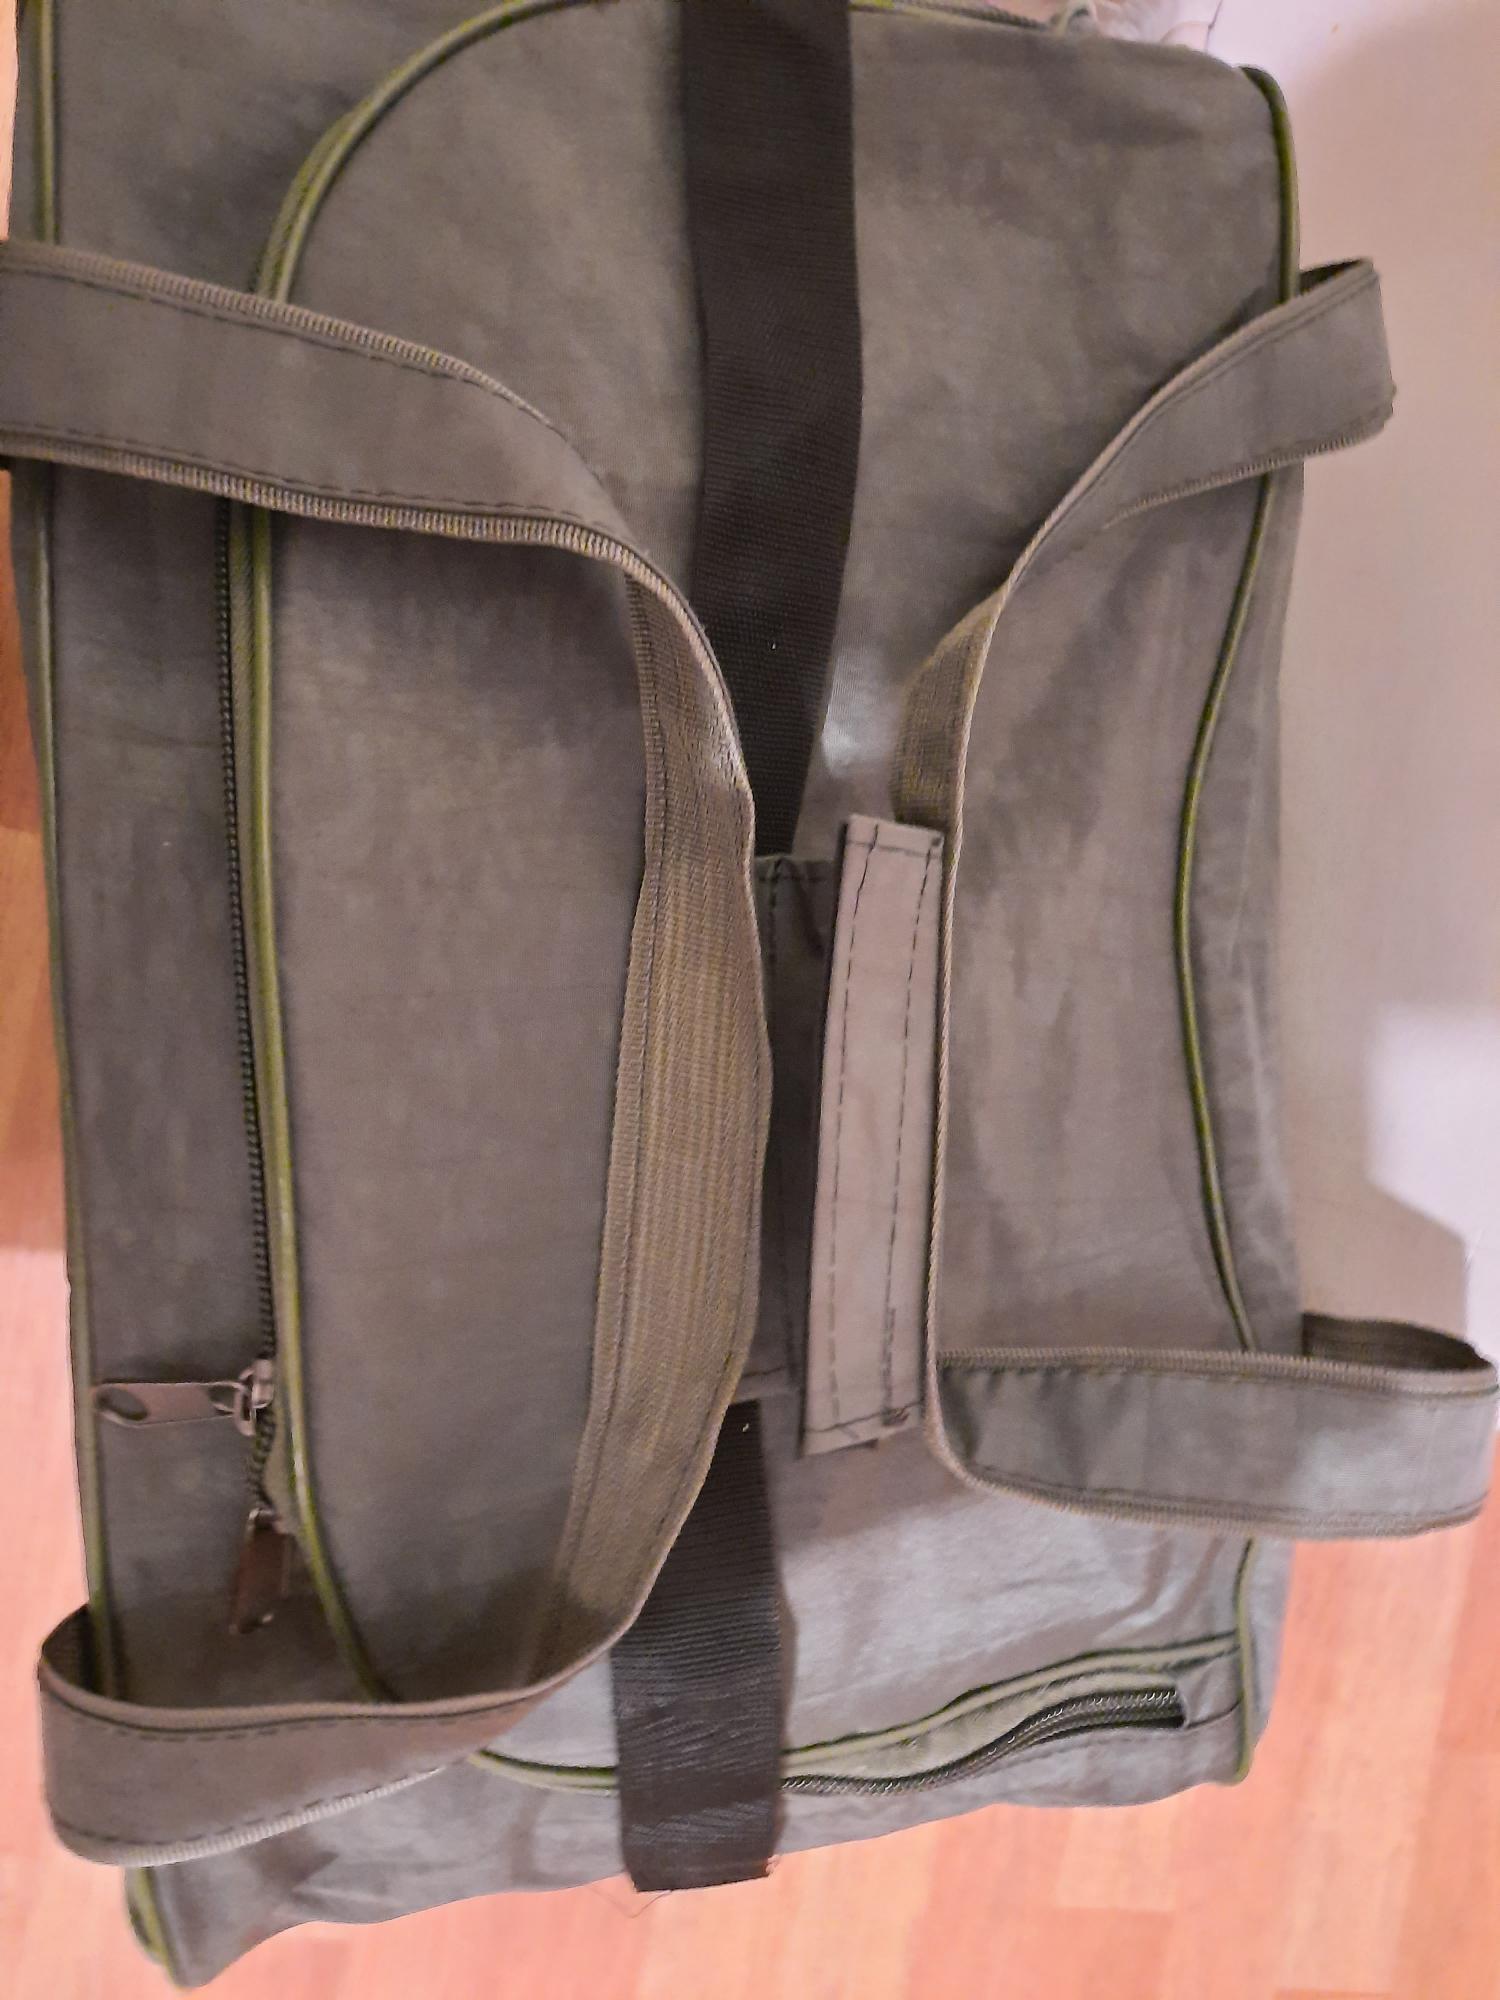 НОВАЯ дорожная сумка на колесах в Москве 89160314195 купить 10